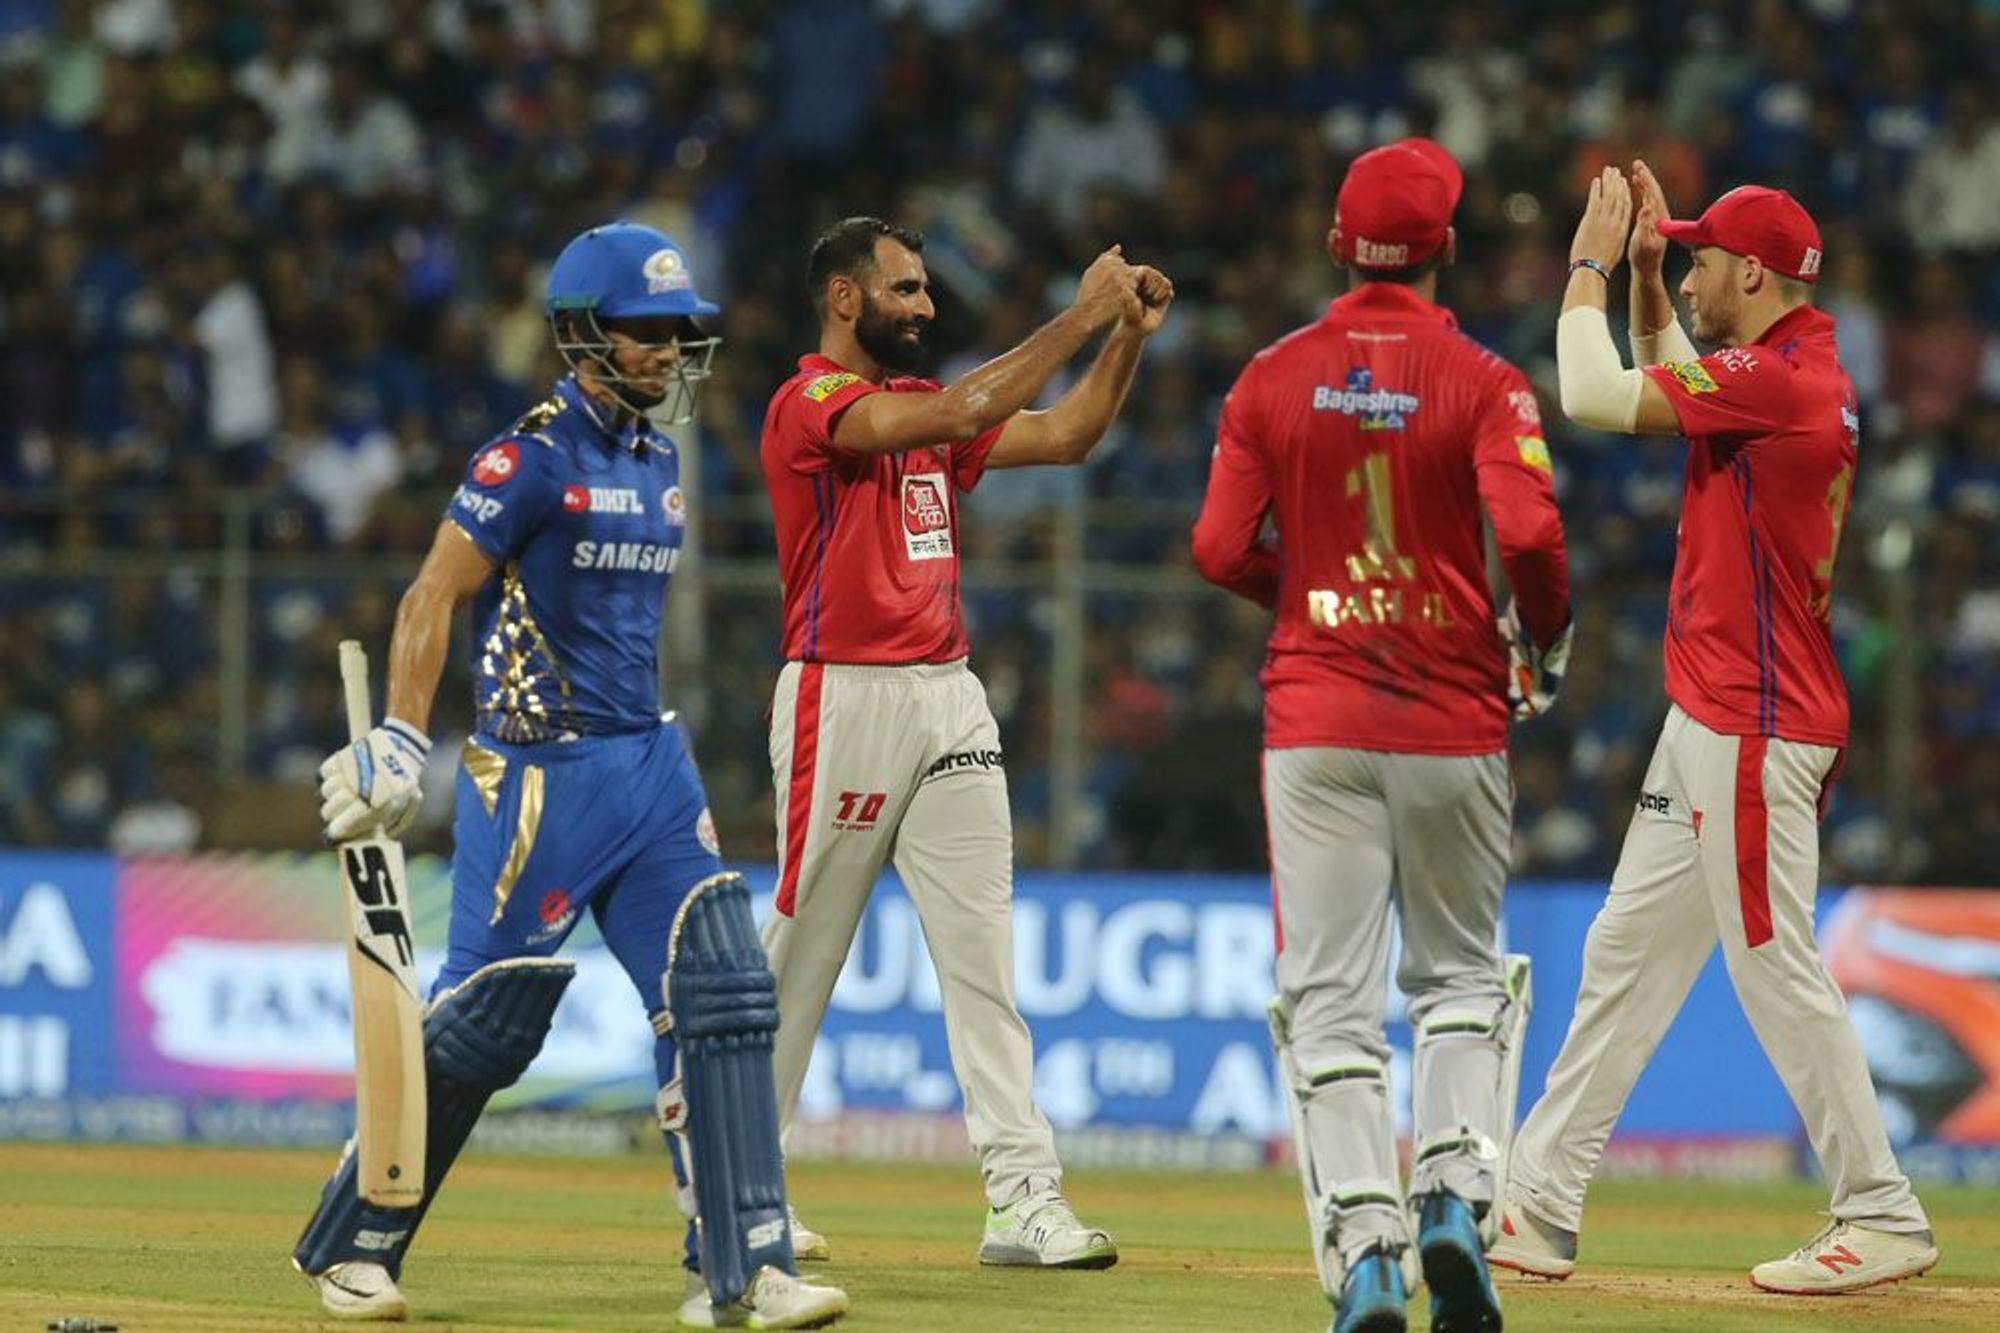 IPL 2019: MI vs KXIP: मुंबई इंडियंस की जीत के बाद भी इस खिलाड़ी को टीम से बाहर कर दिग्गज भारतीय खिलाड़ी को शामिल करने की उठी मांग